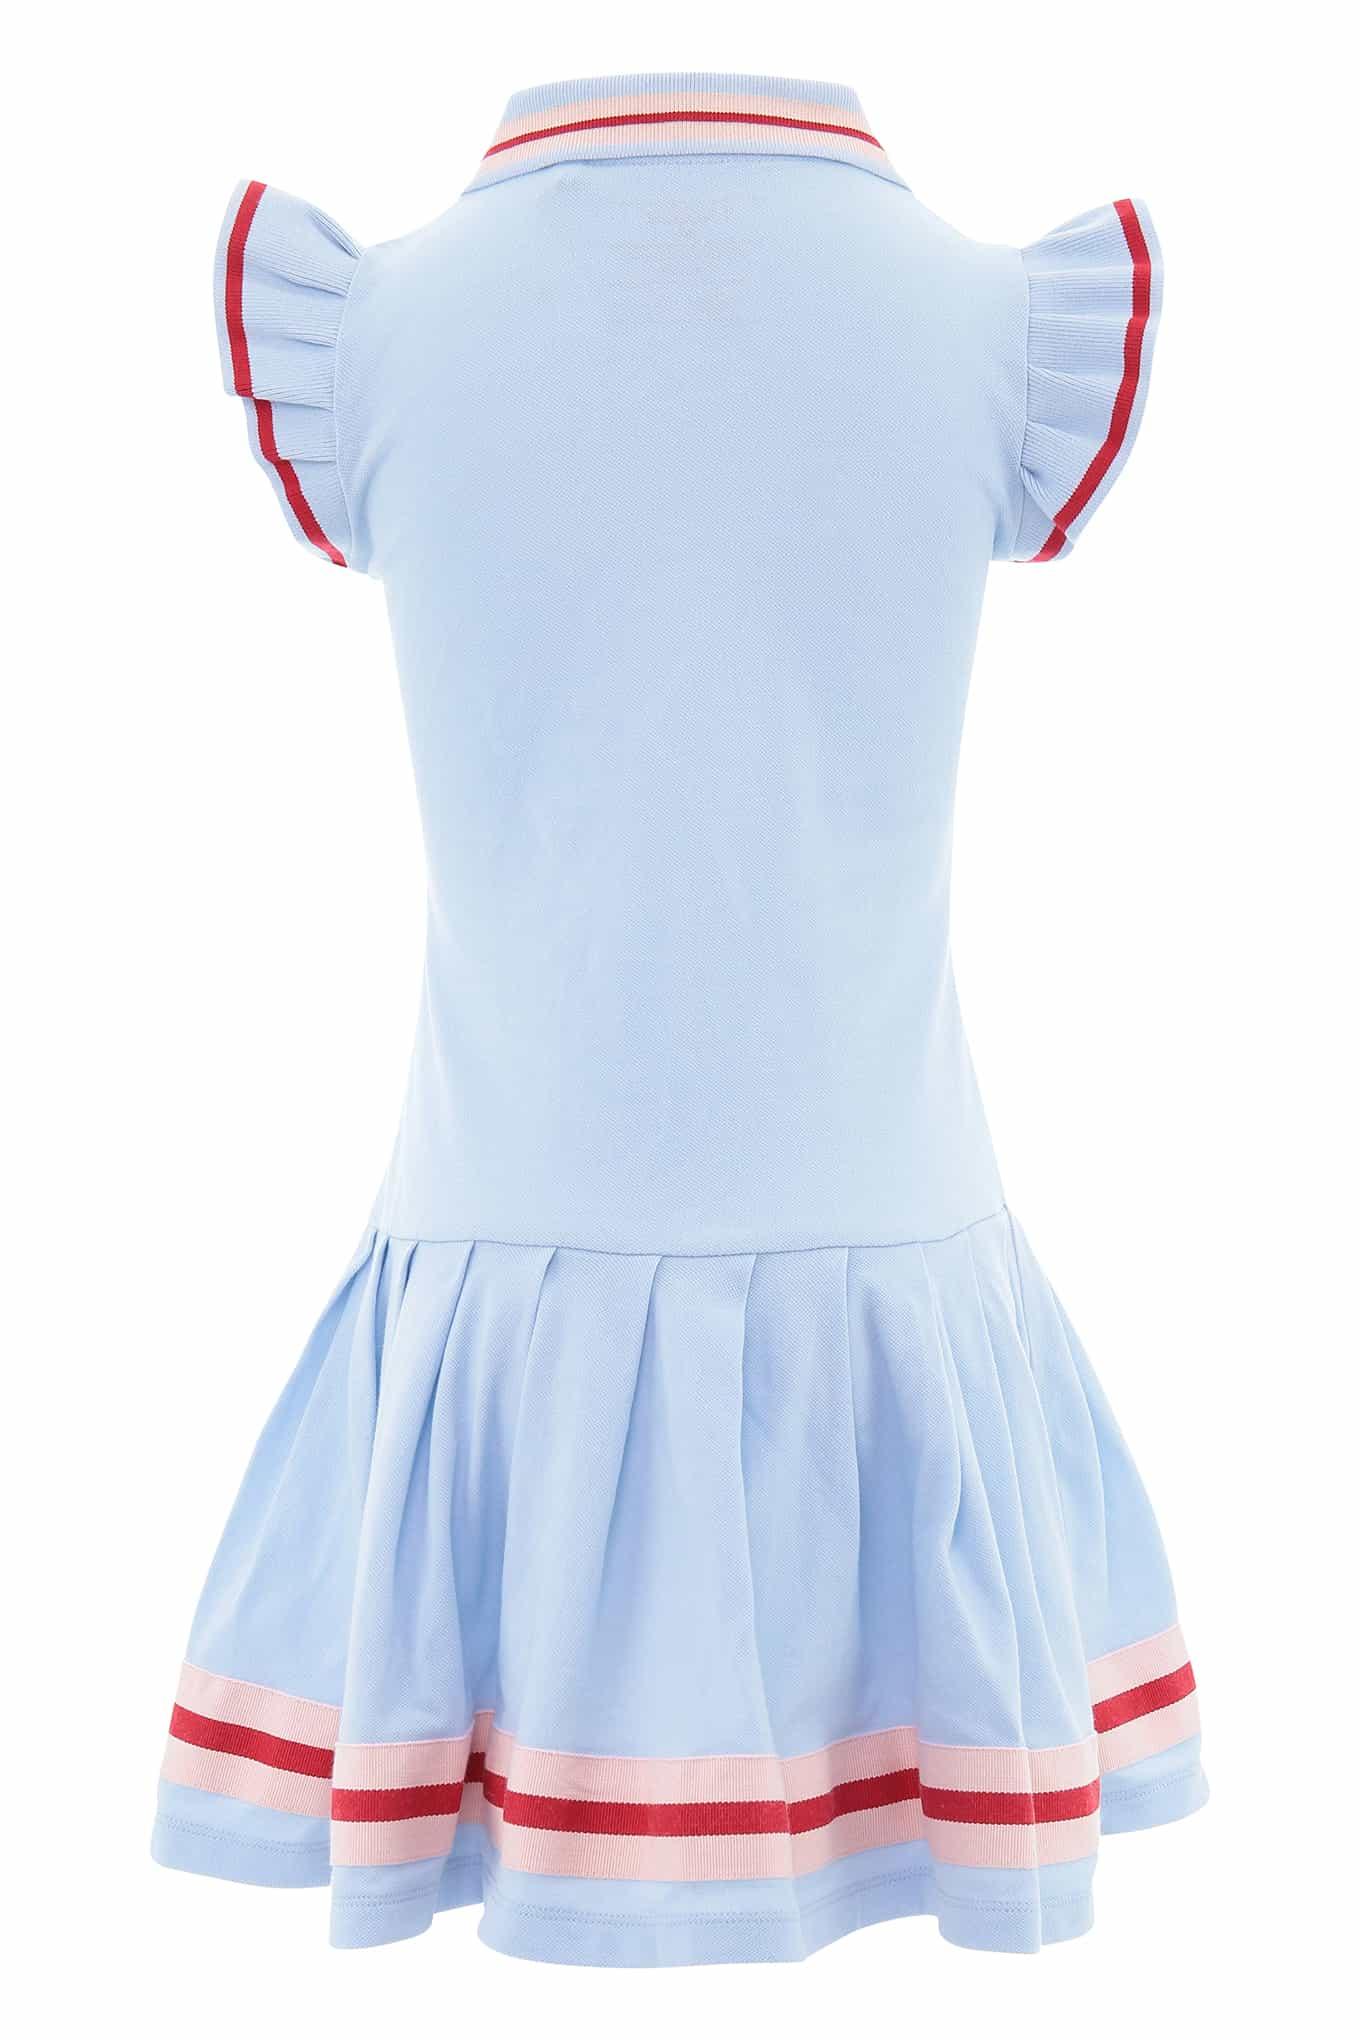 Dress Piquet Light Blue Sport Girl